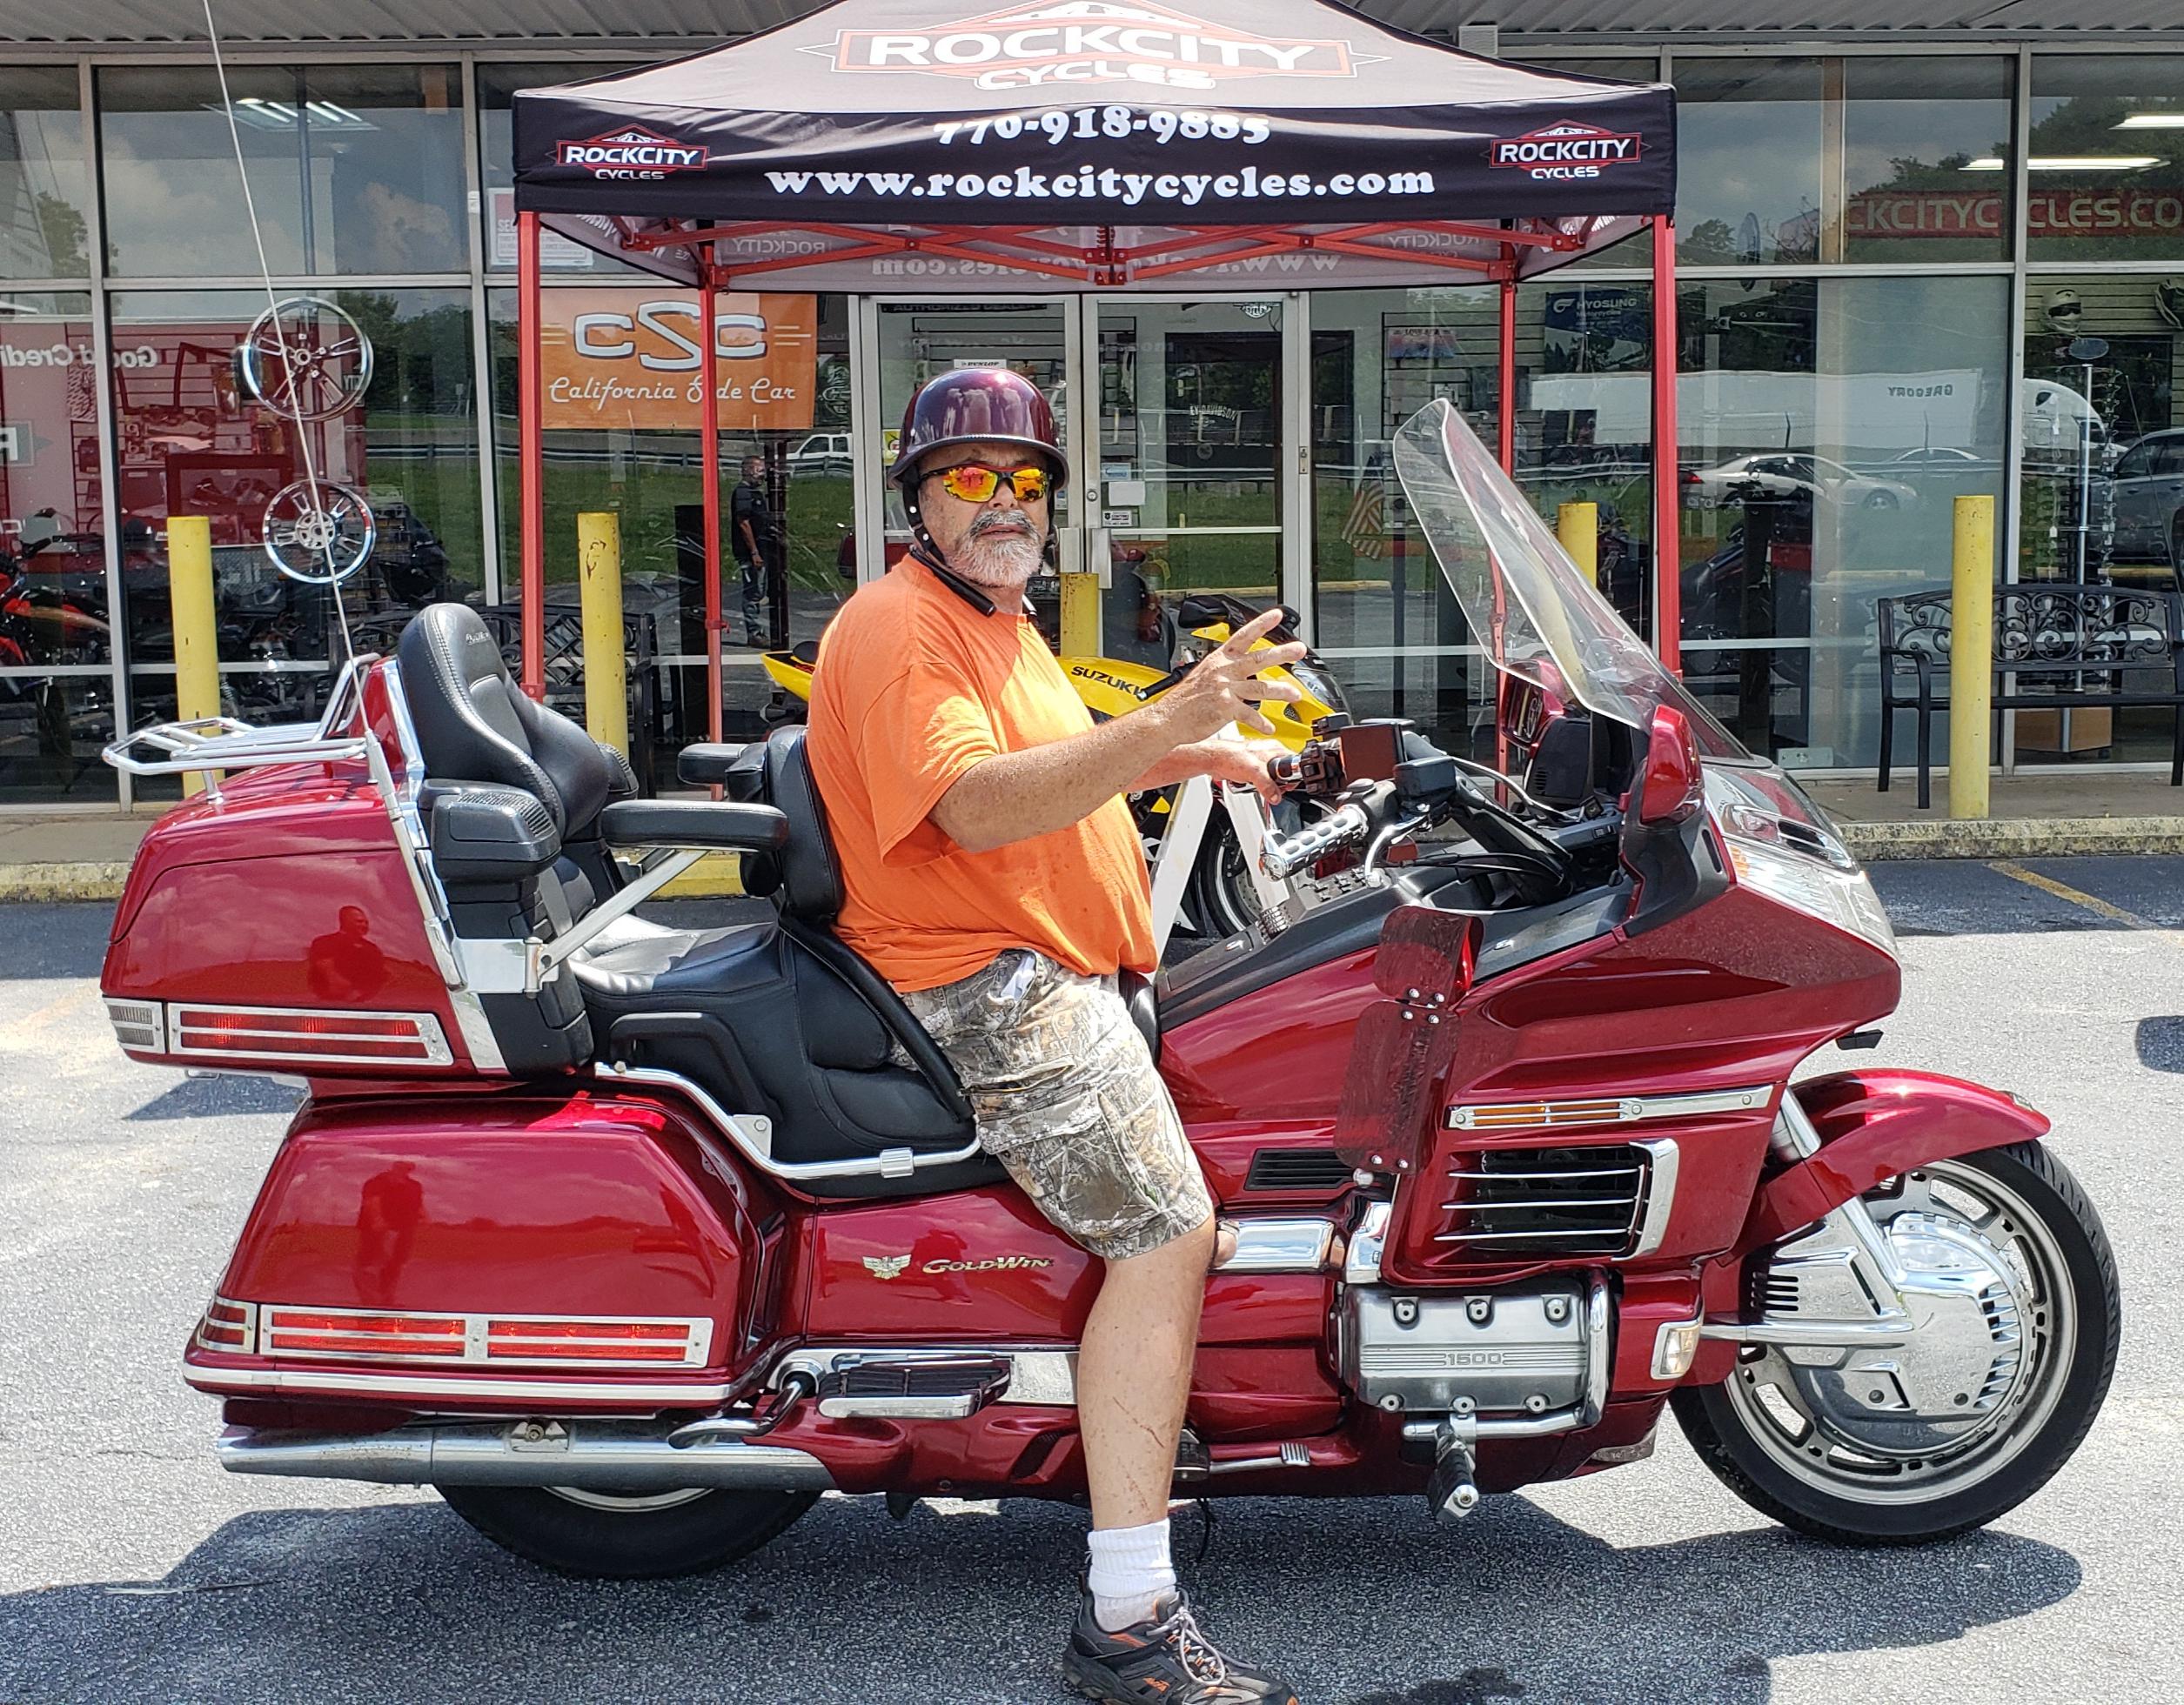 Thomas B. with his 1998 Honda Gold Wing Aspencade